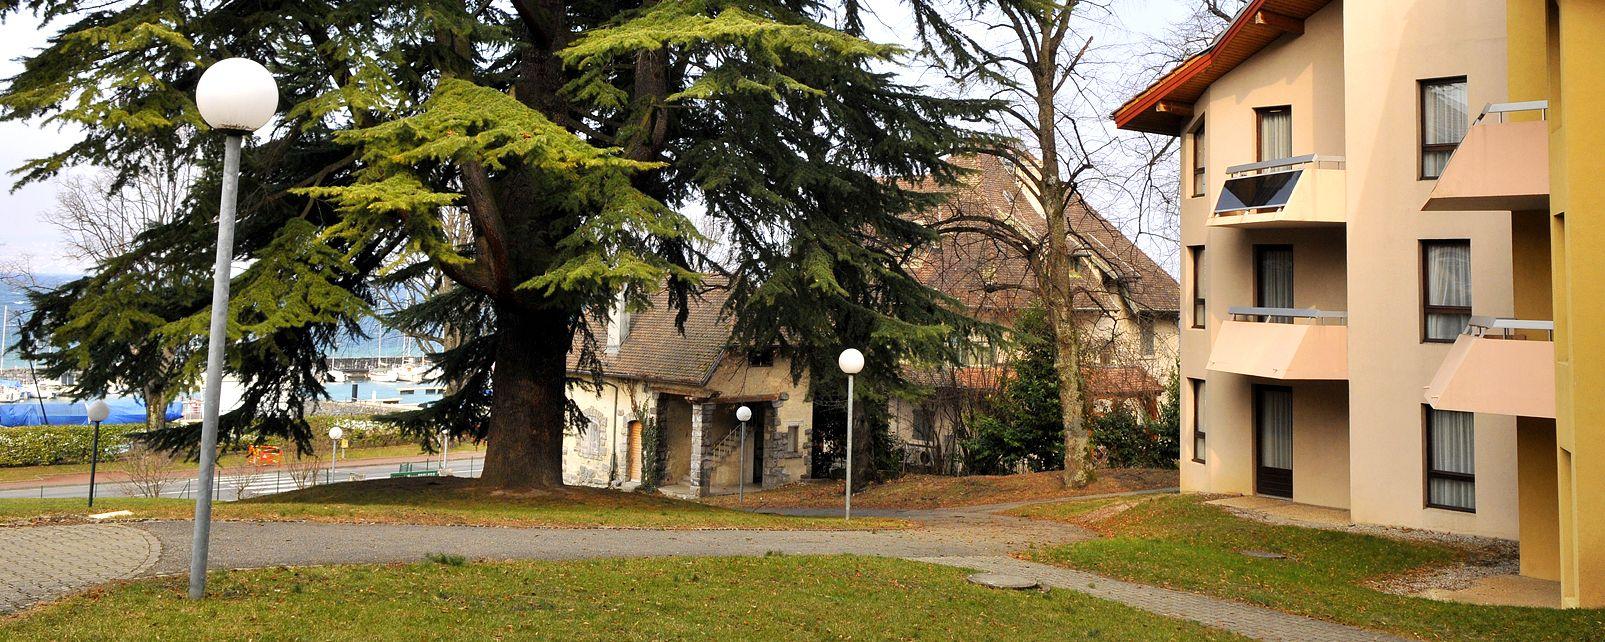 VVF Villages Les Rives du Léman